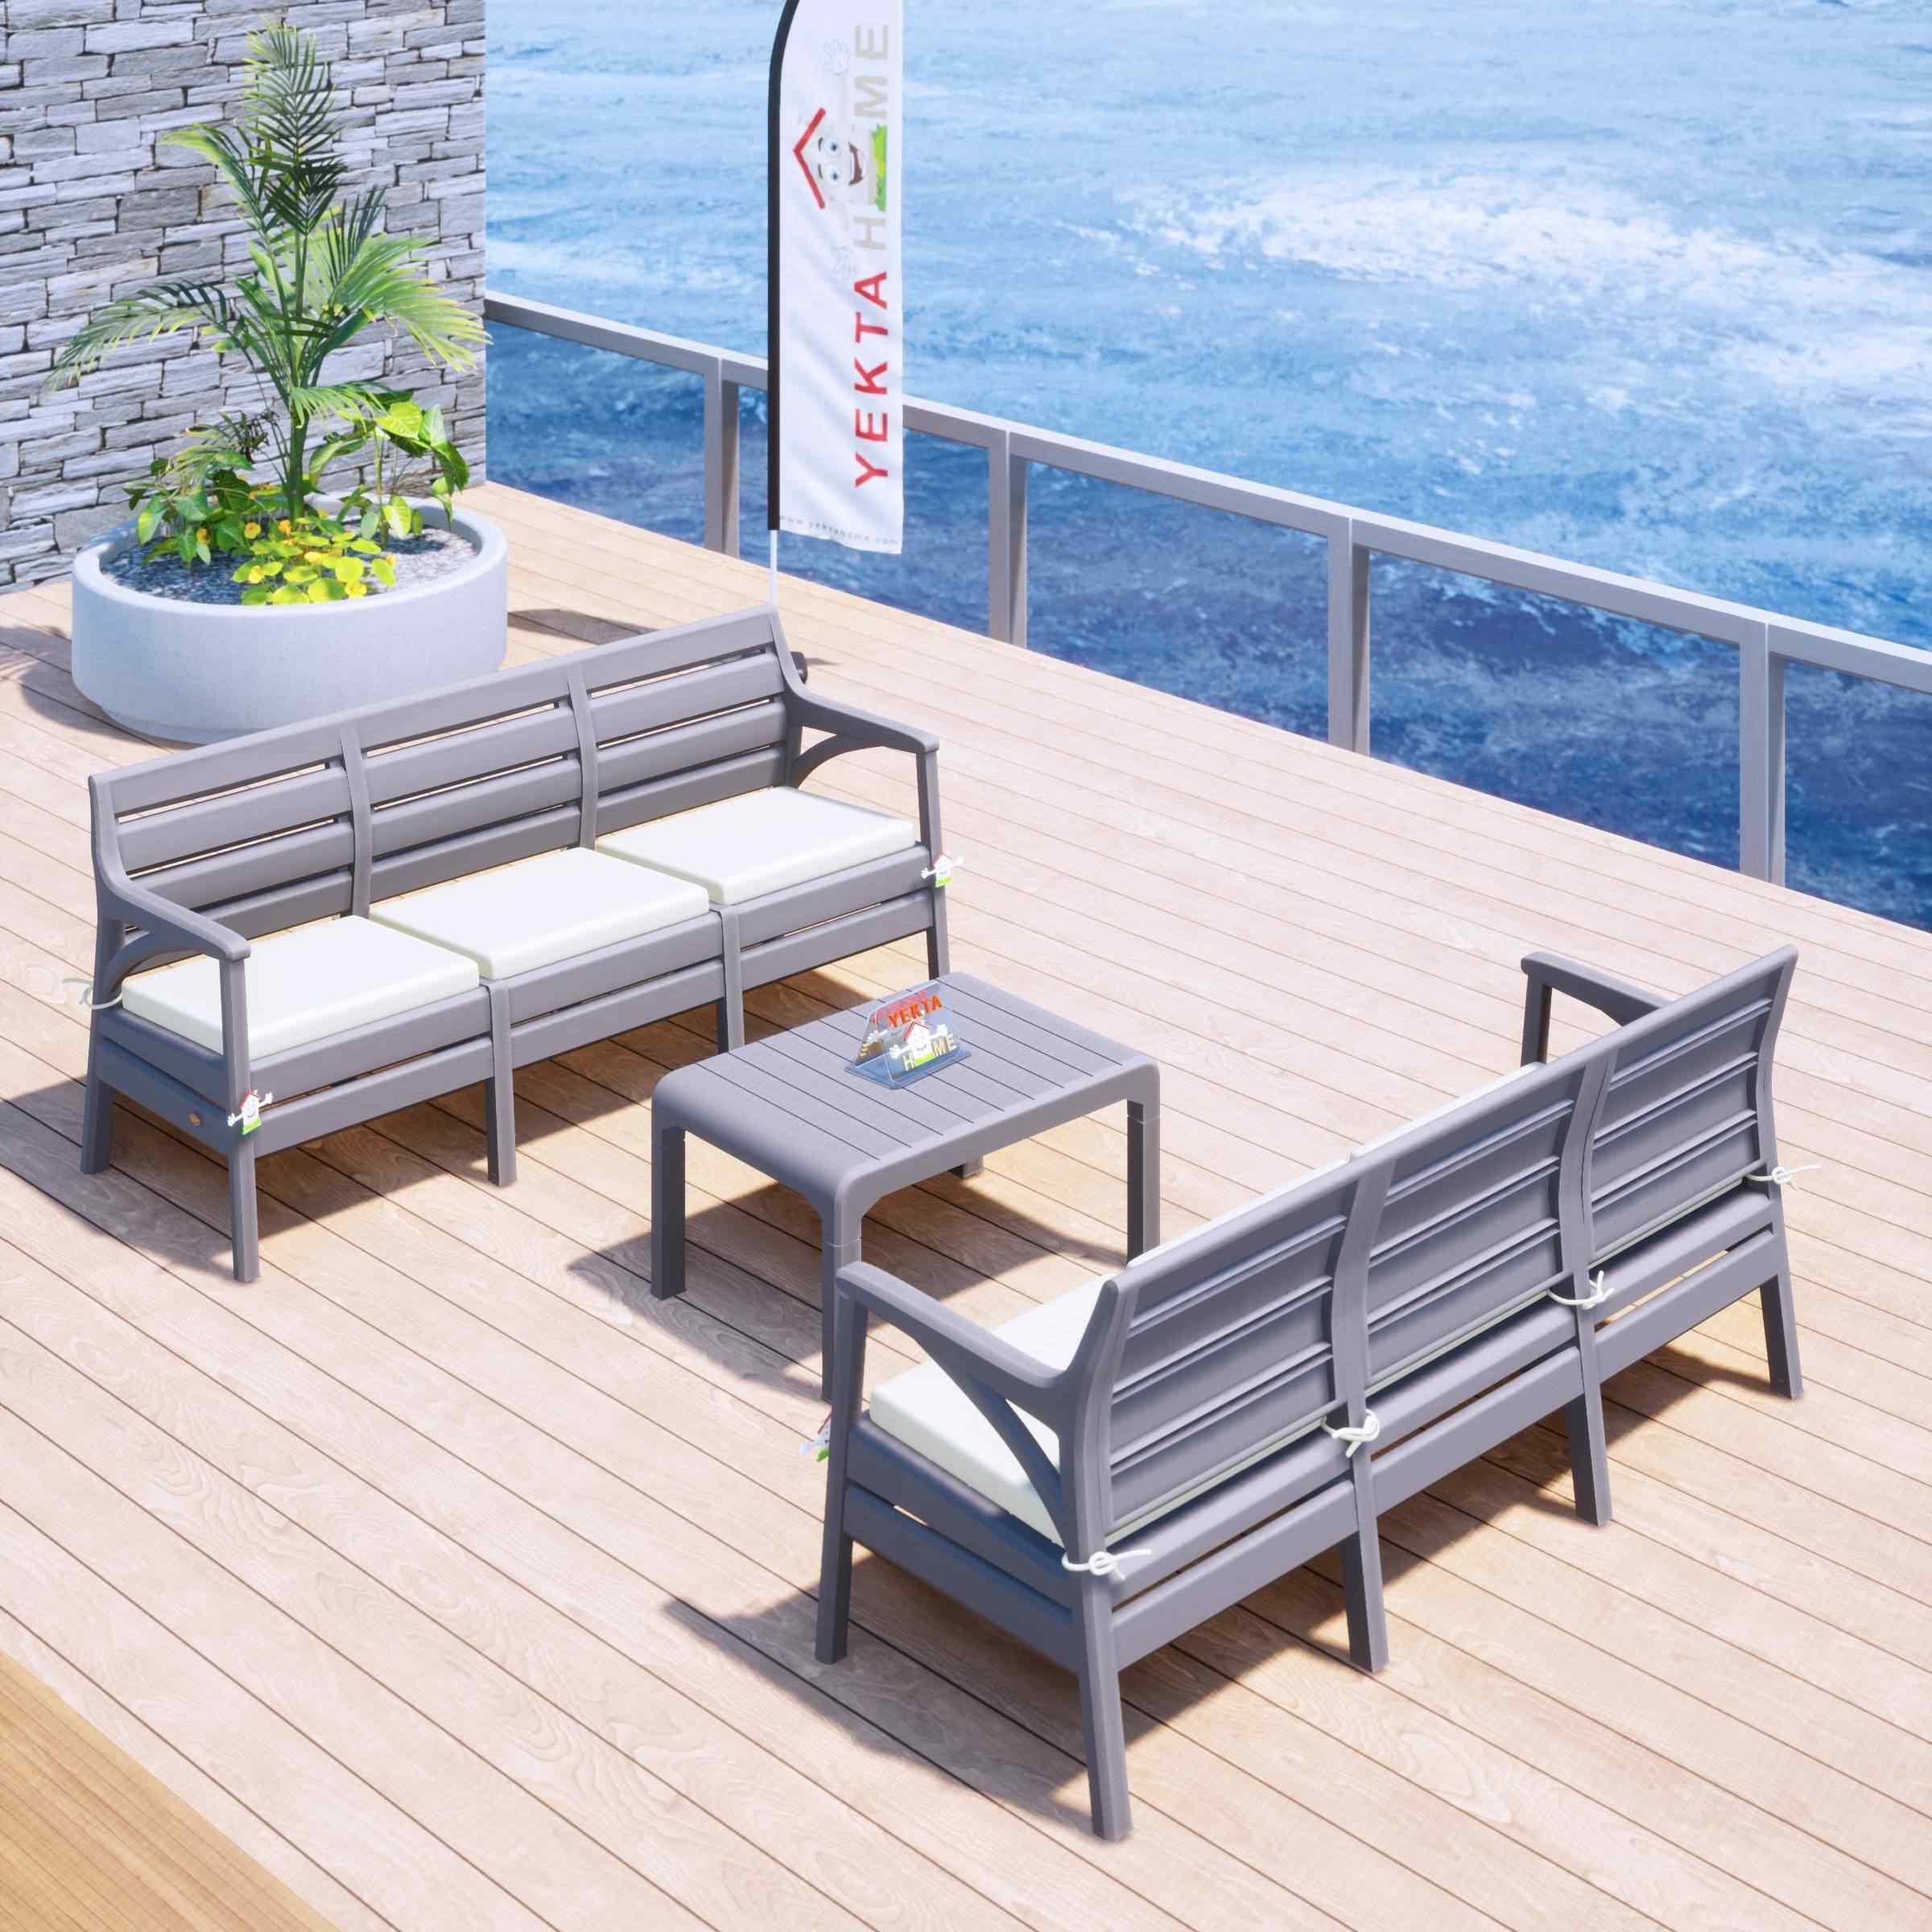 Holiday Milano Bahçe Takımı Oturma Grubu Balkon Seti Çöl Gri